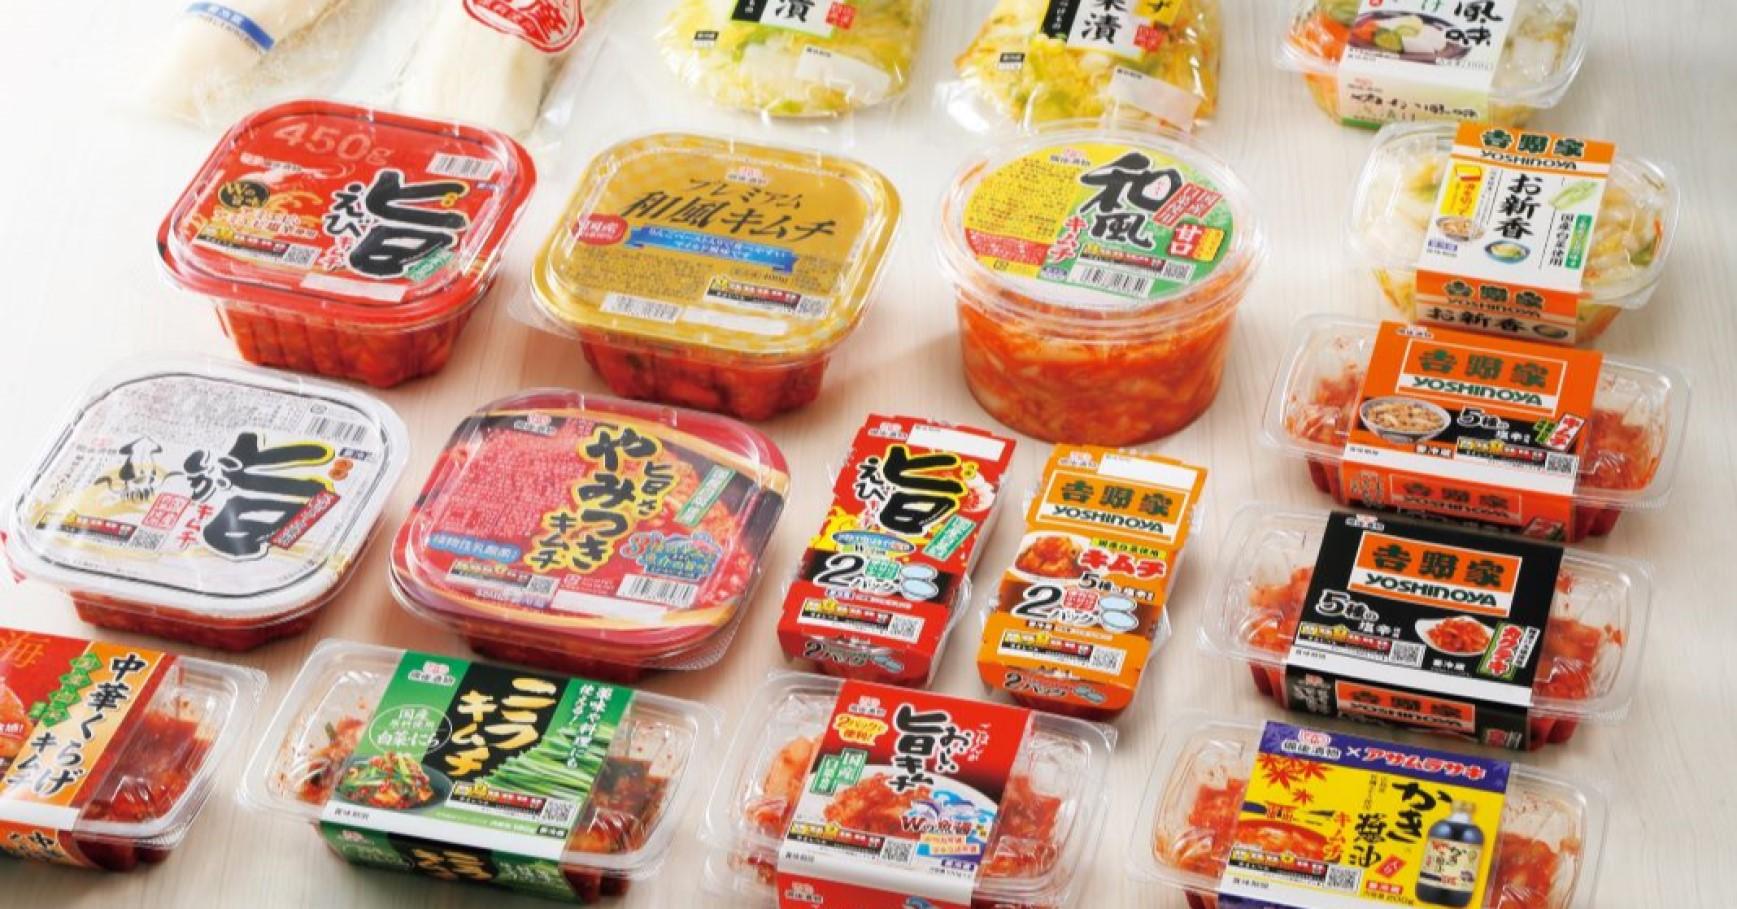 キムチやお漬物の商品開発(創業74年の老舗お漬物メーカー)